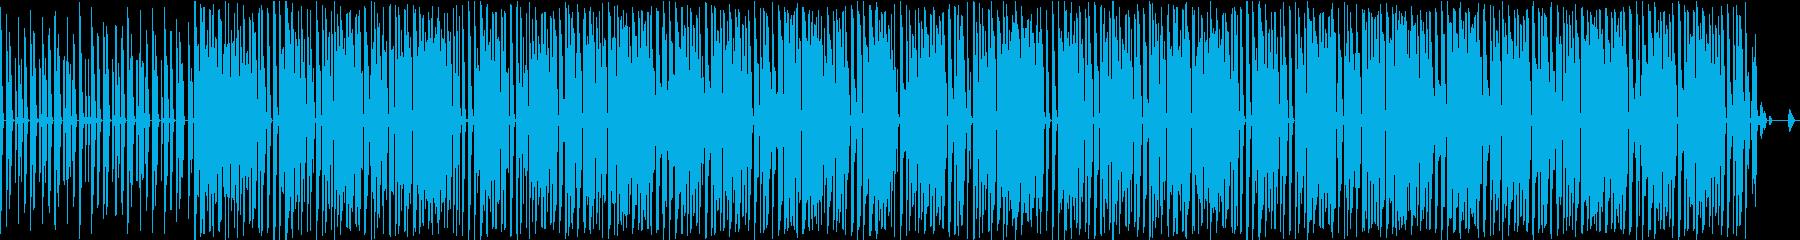 夏にピッタリ♫reggae 01 の再生済みの波形